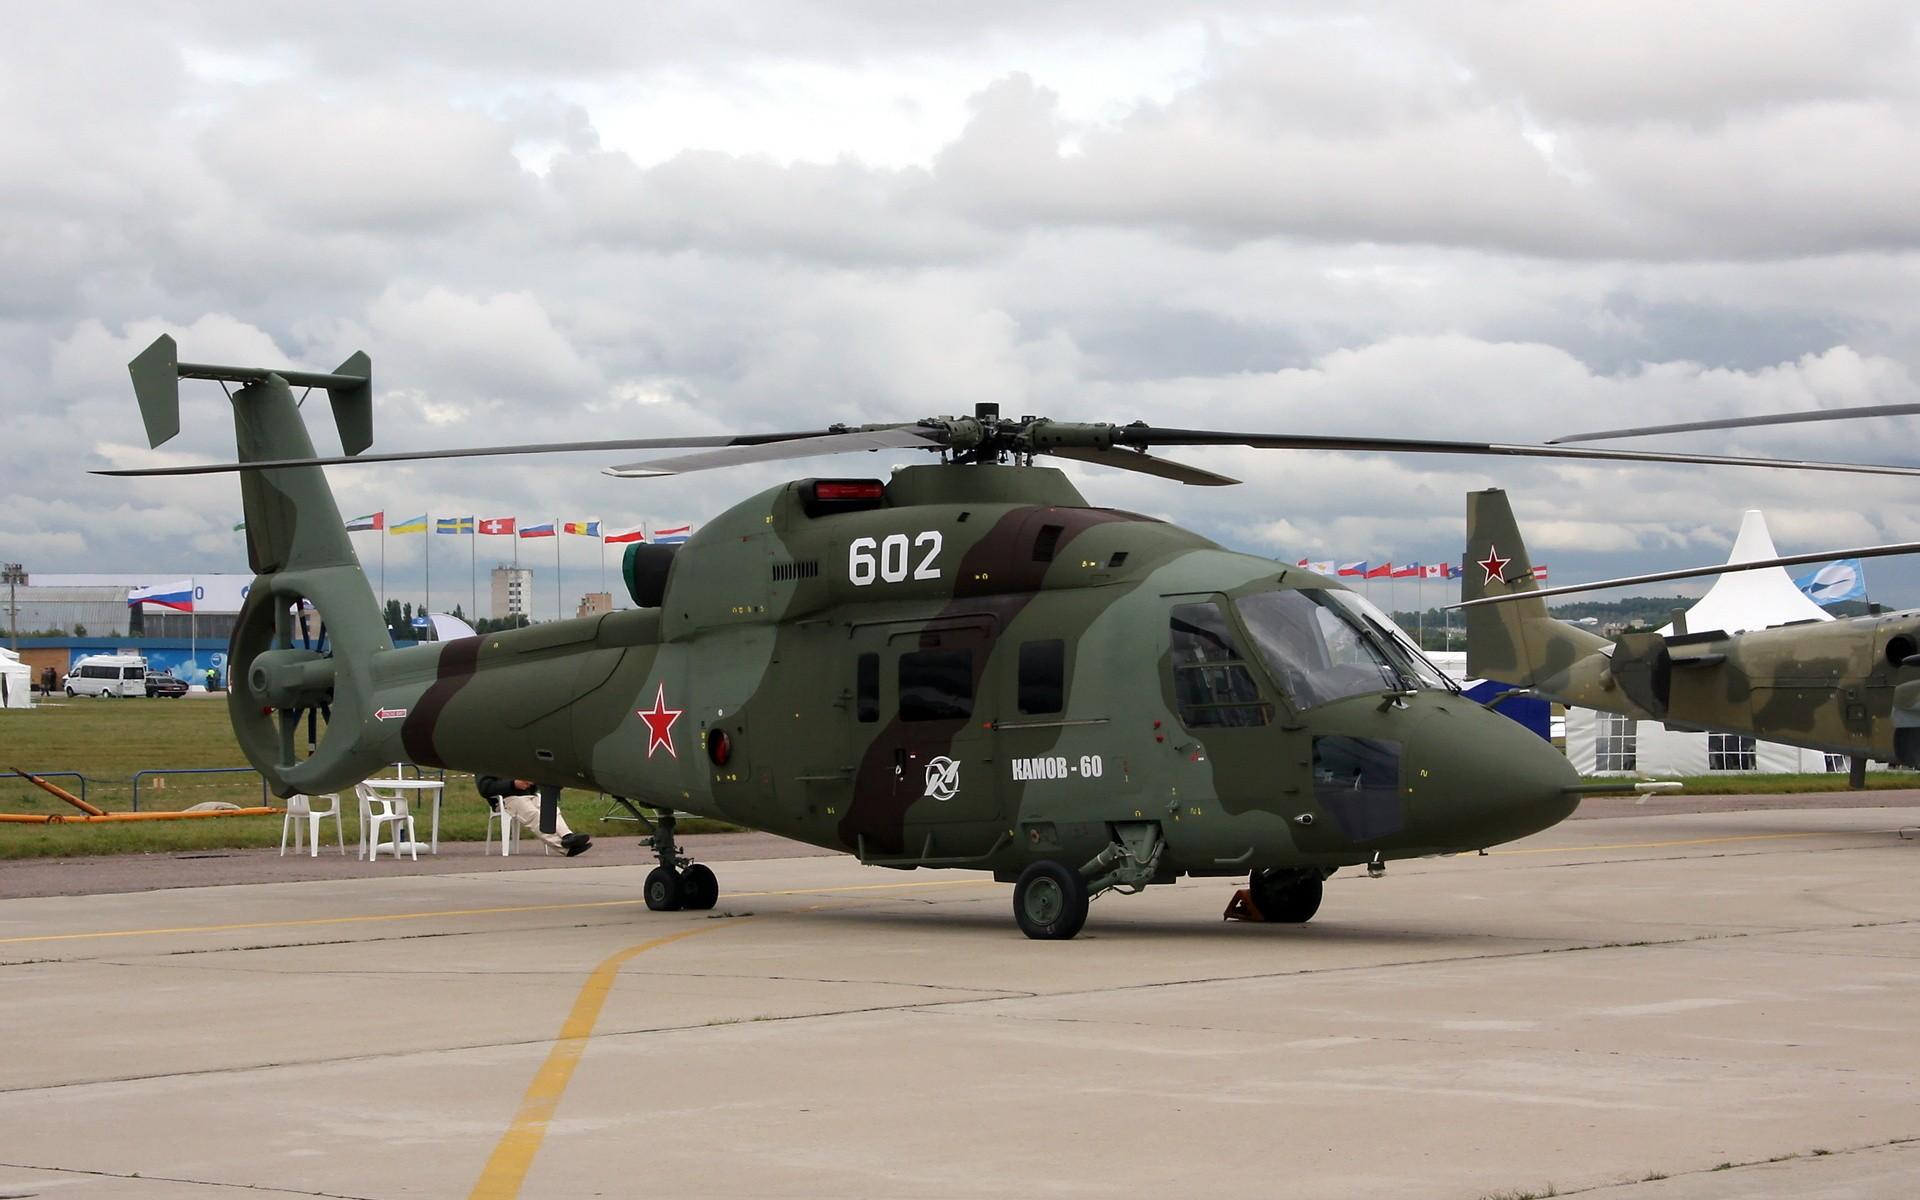 Helicóptero KA 60 - 1920x1200